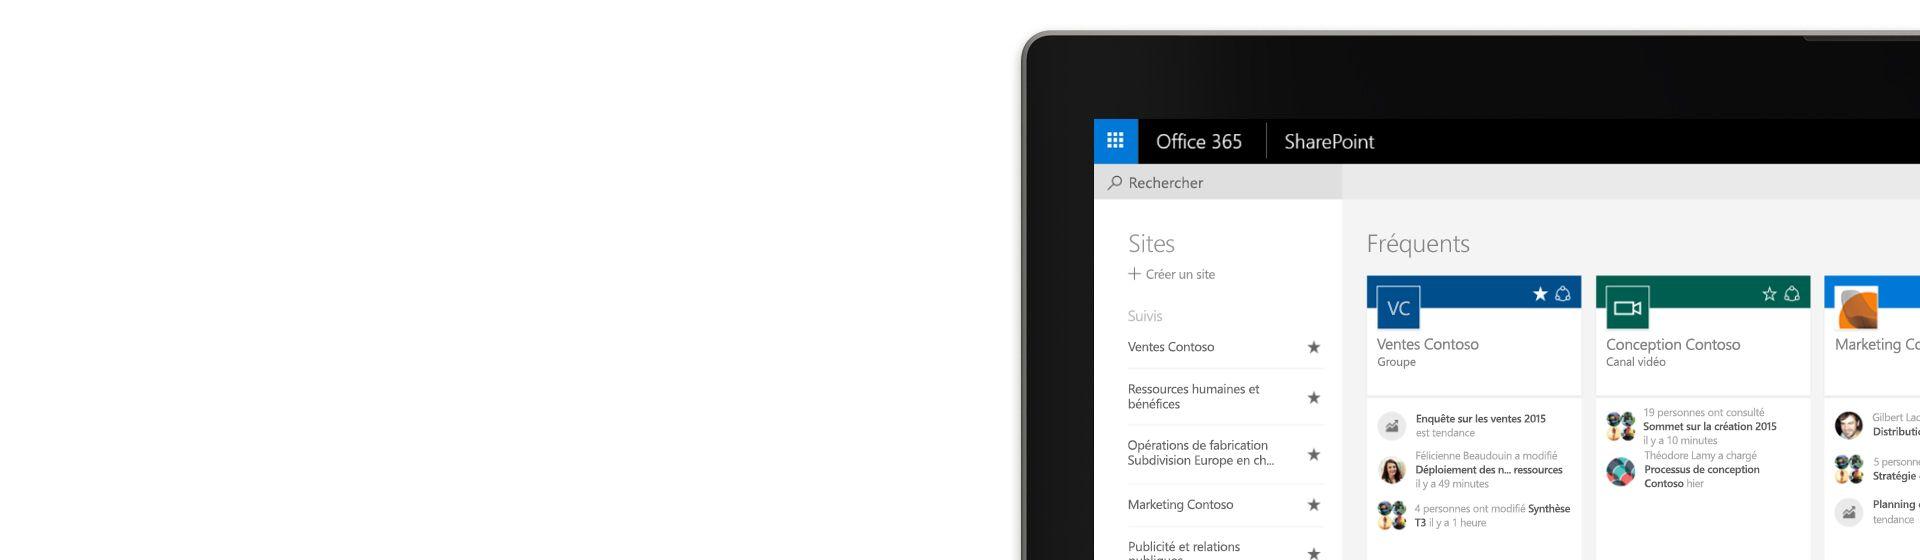 Angle d'écran d'ordinateur portable affichant Office 365 SharePoint pour Contoso